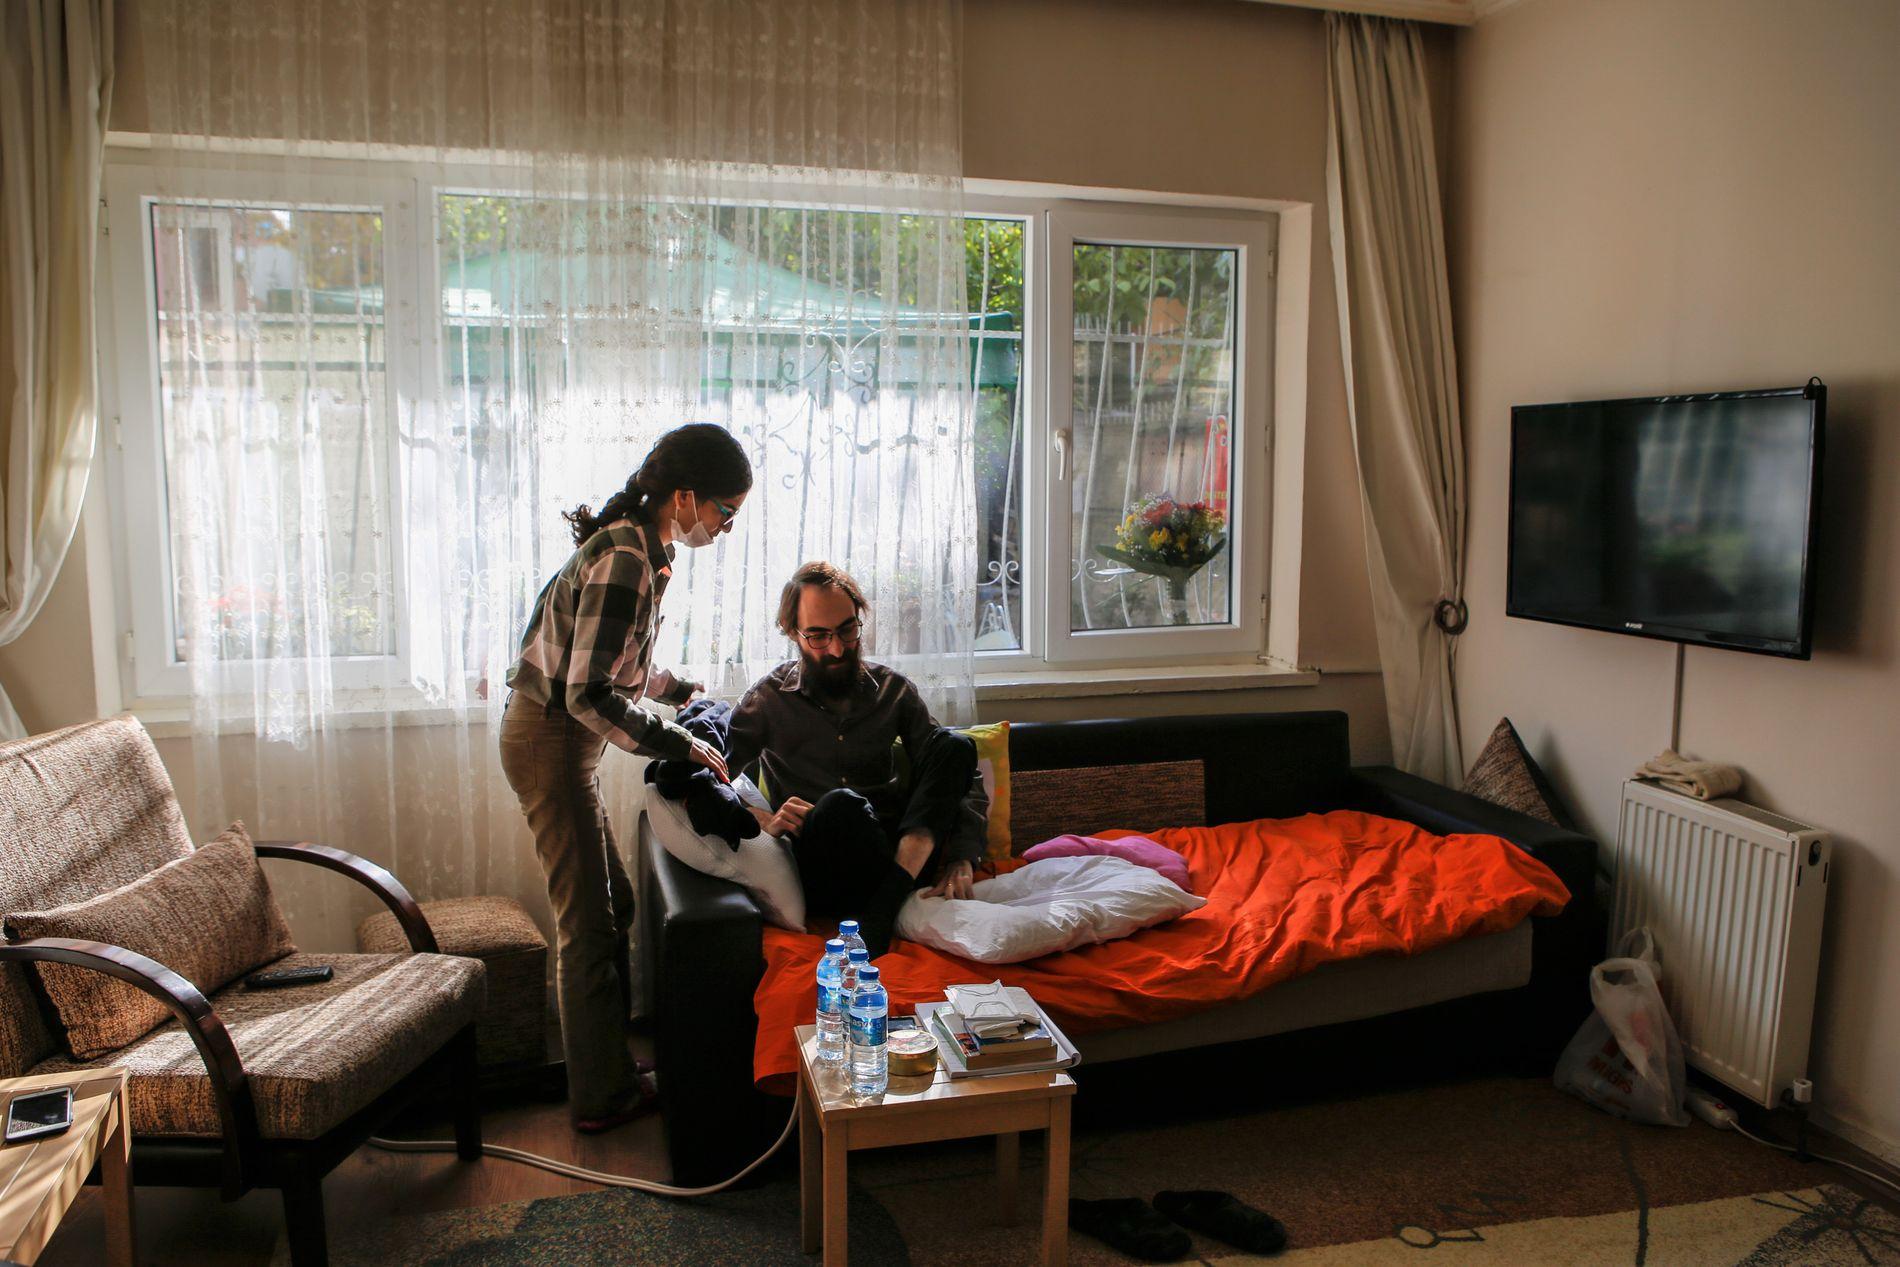 ISOLASJON: Kona Esra (28) hjelper Semih Özakça (28) å finne en komfortabel stilling i sofaen hjemme i Ankara. De er begge i sultestreik, og immunforsvaret er svakt.